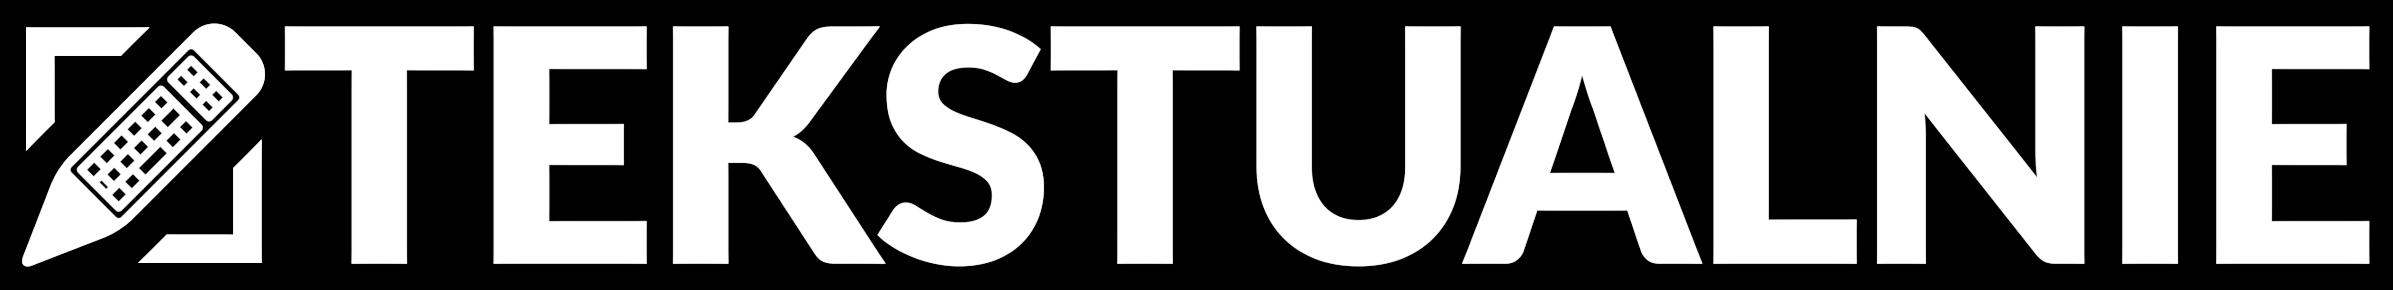 Tekstualnie - Logotyp - Shadow